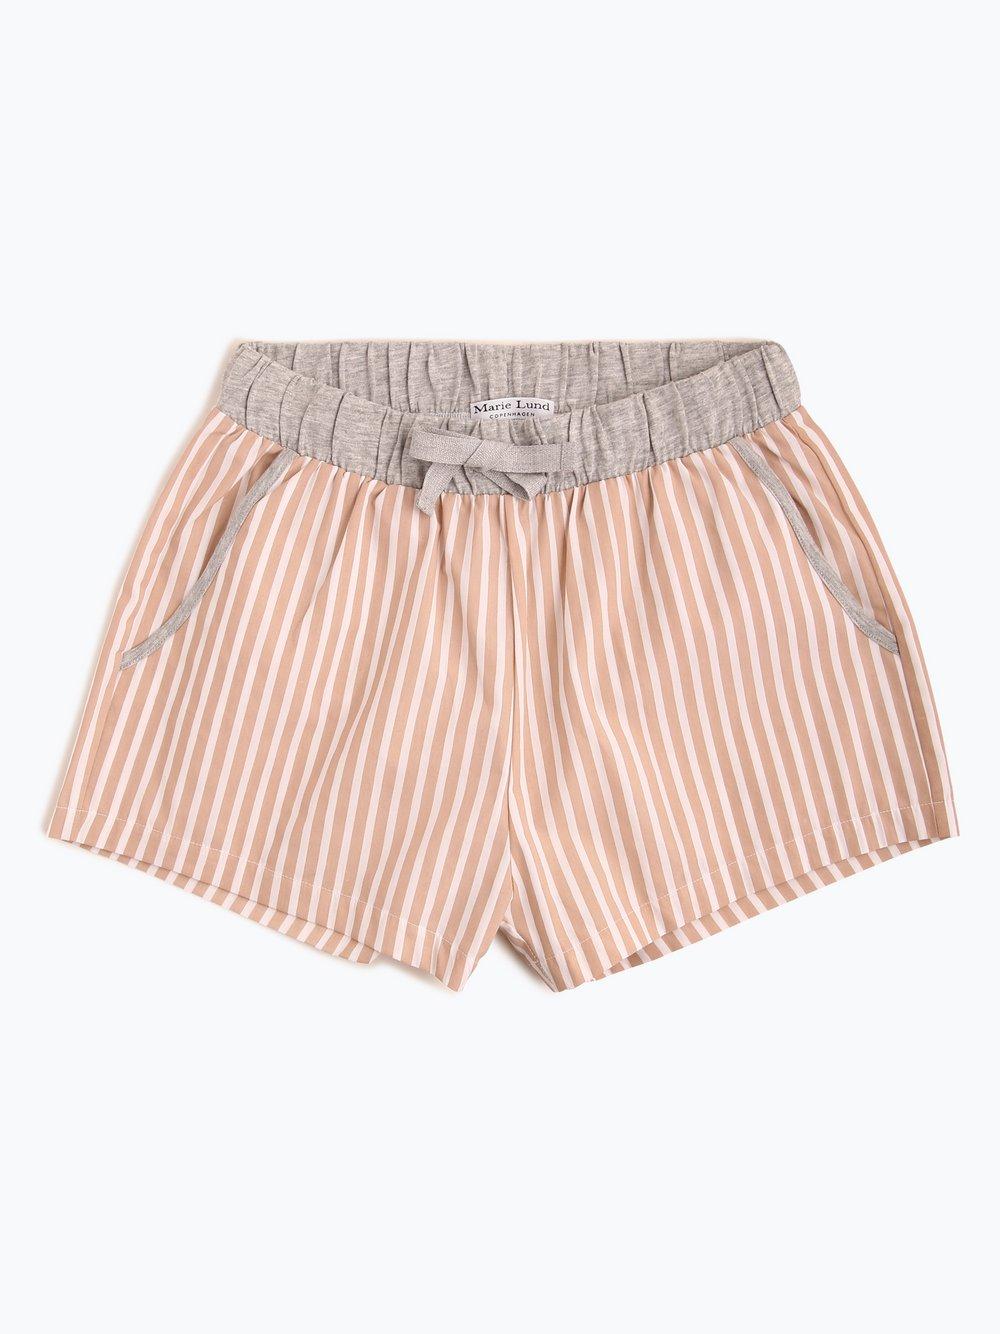 the latest 6ee2f 09021 Marie Lund Damen Pyjama-Shorts online kaufen | PEEK-UND ...